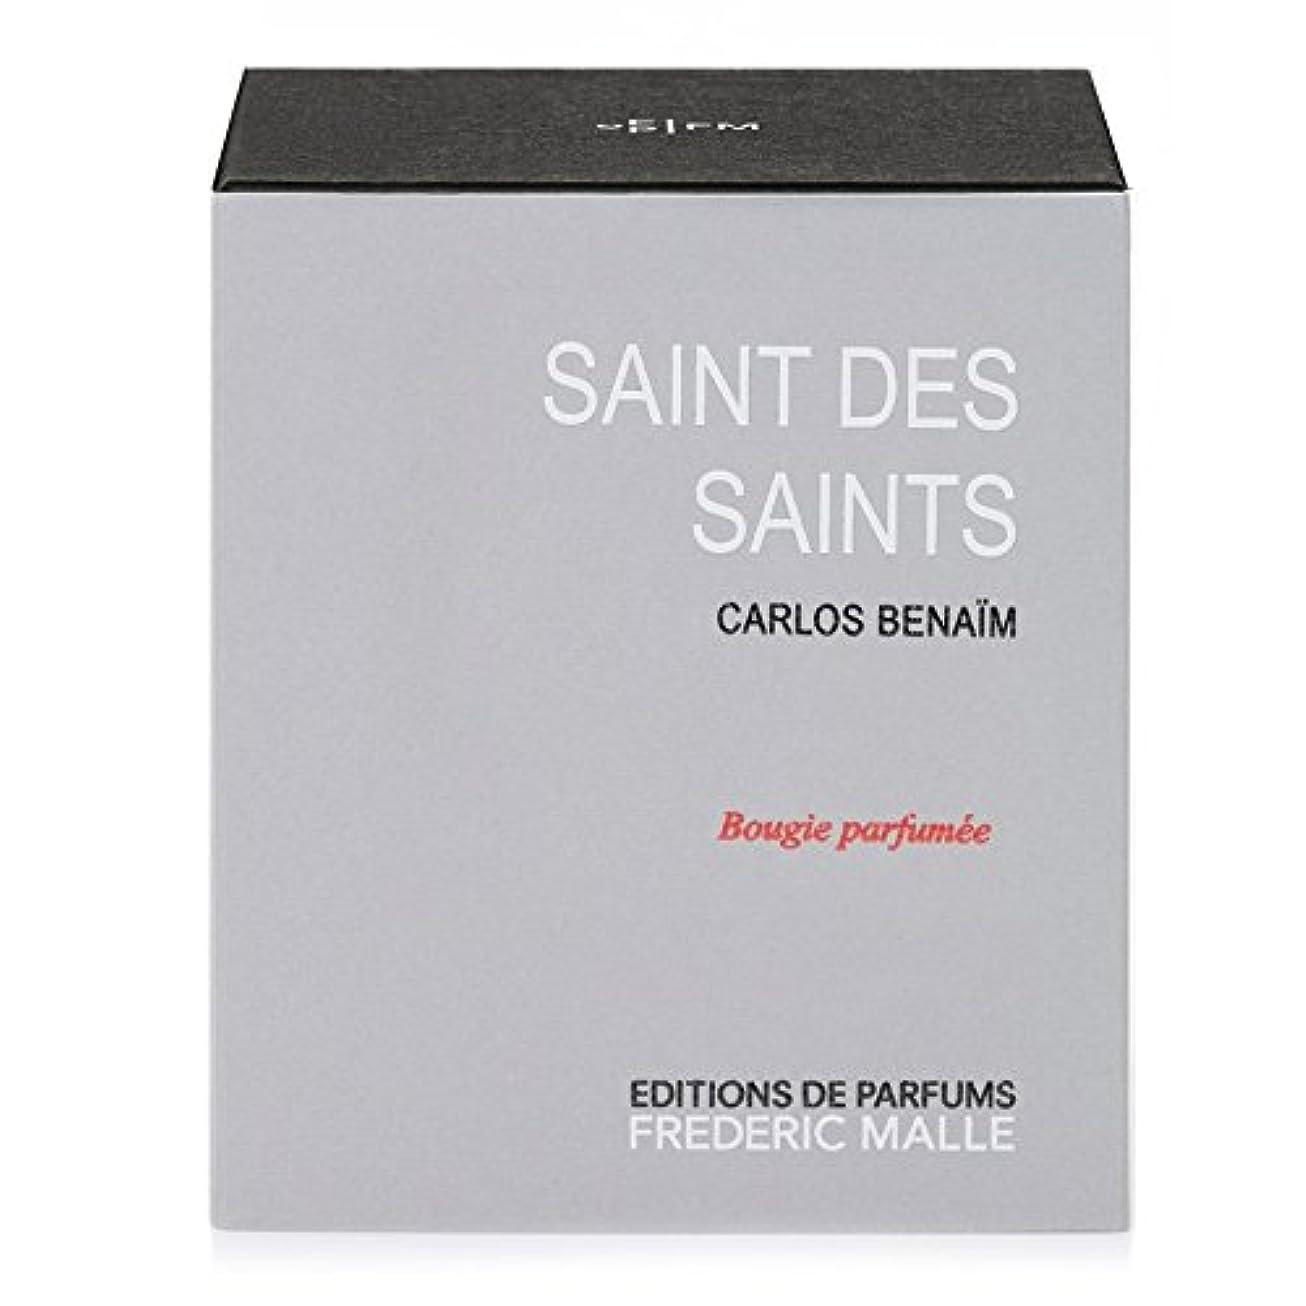 ジレンマ矩形クロールフレデリック?マル聖人デ聖人の香りのキャンドル220グラム x6 - Frederic Malle Saint Des Saints Scented Candle 220g (Pack of 6) [並行輸入品]